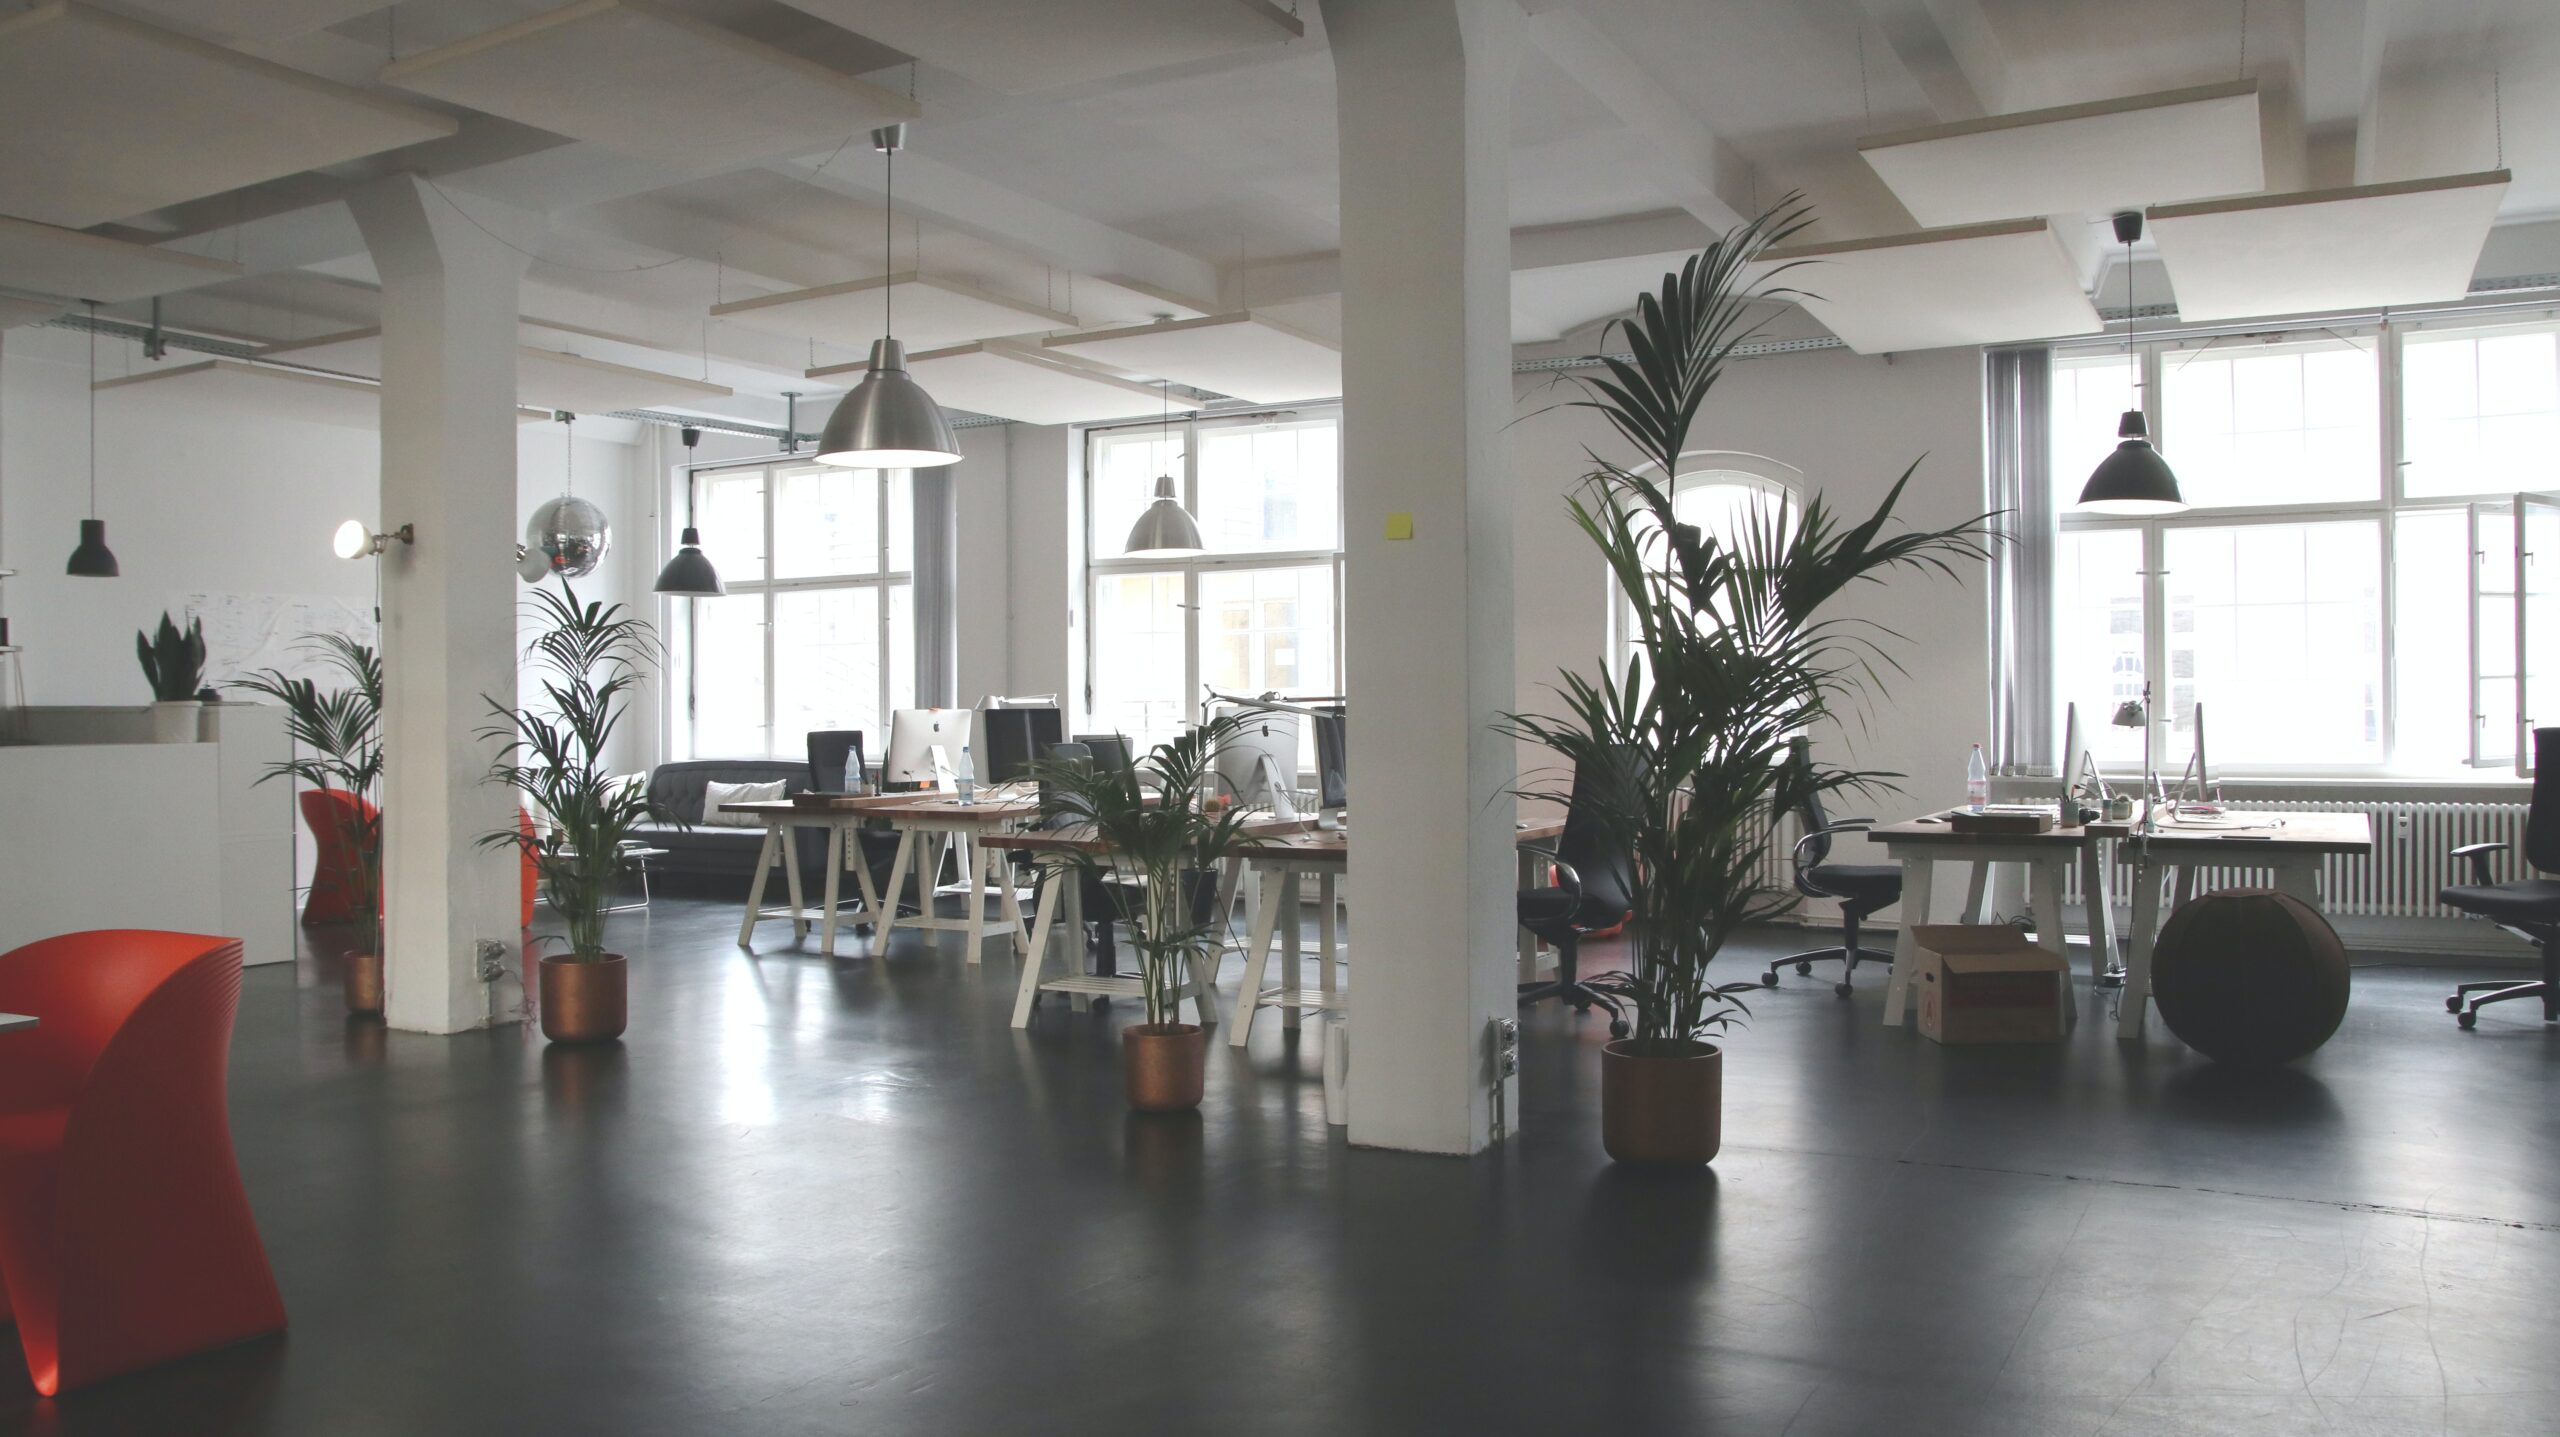 オフィスの移転先を選ぶときは②:オフィス環境、契約を確認しよう